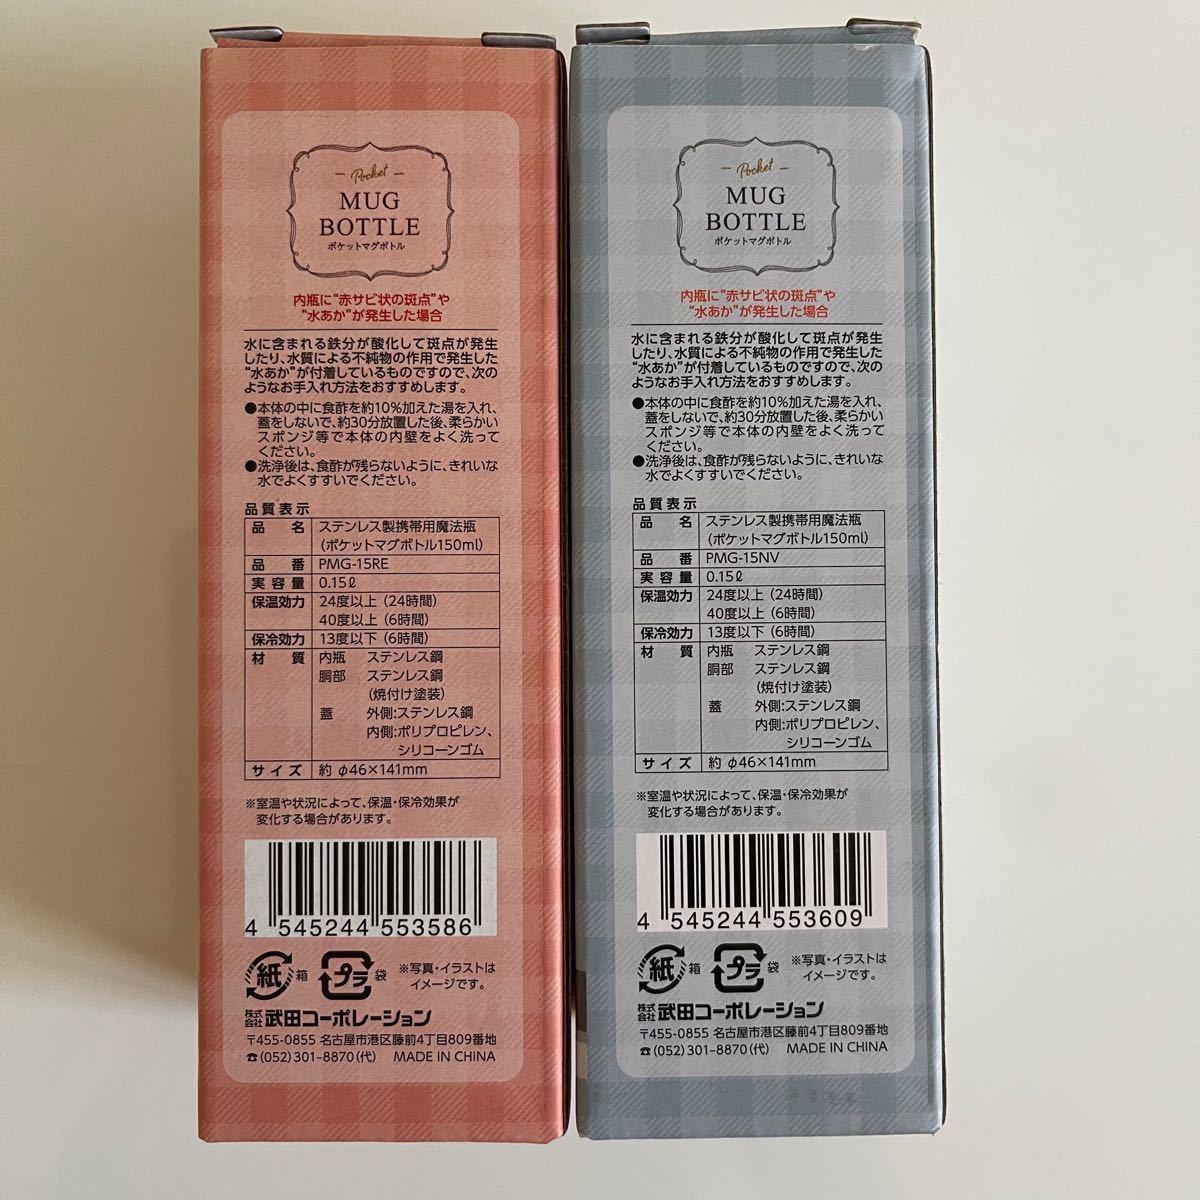 ポケットマグボトル 2本 150ml ステンレス製携帯用魔法瓶 ミニボトル 水筒 赤 紺 レッド ネイビー 保温 保冷 ミニ水筒